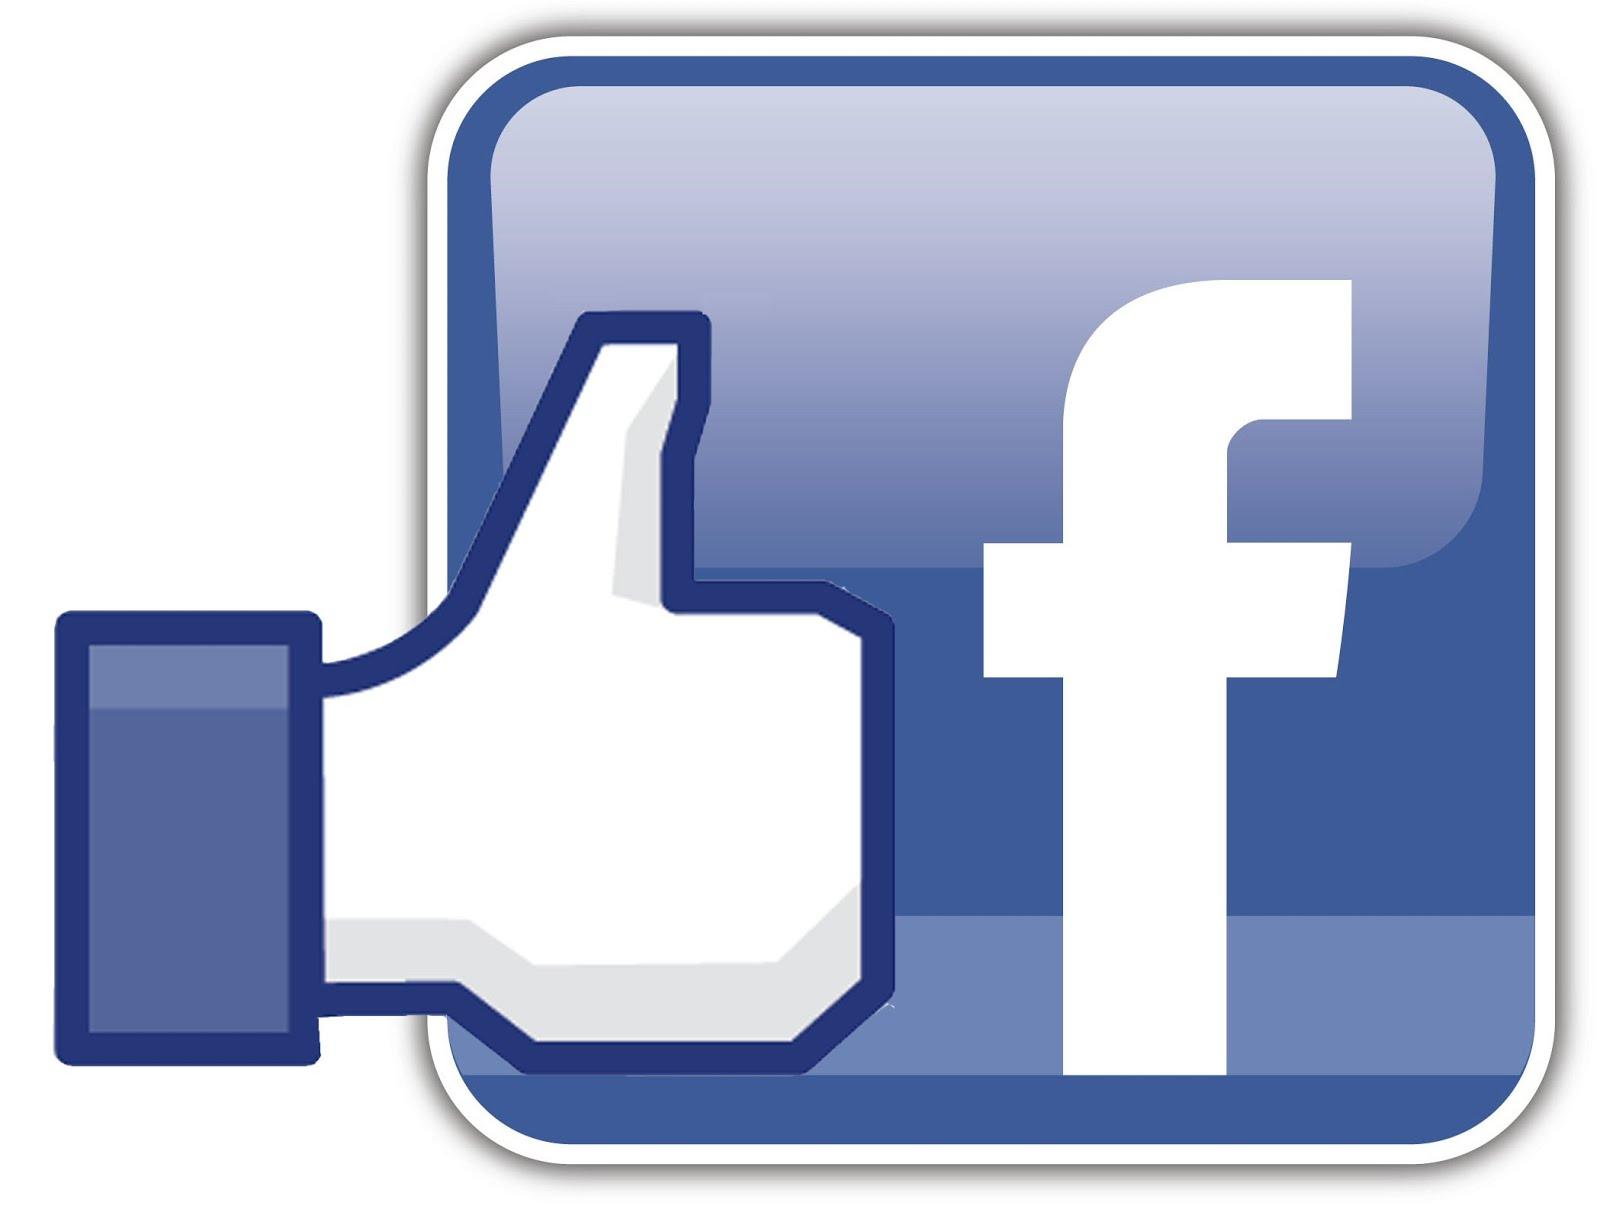 Sviluppo economico e posti lavoro anche da Facebook